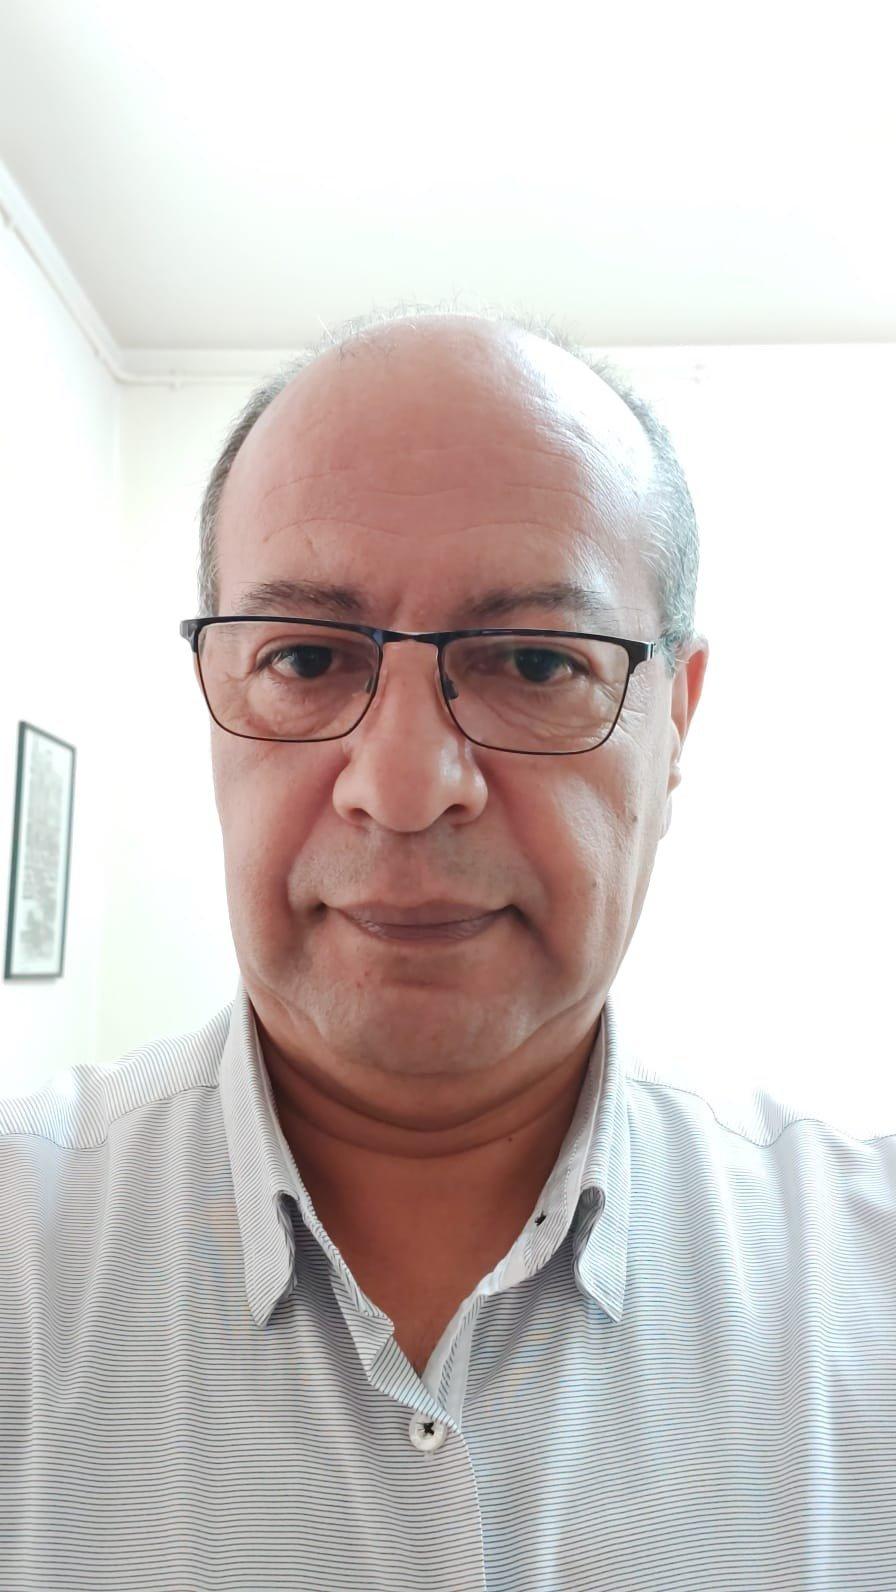 د. ماجد خمرة يتحدّث لـبكرا عن افتتاح السنة الدراسية بالمدارس العربيّة - حيفا